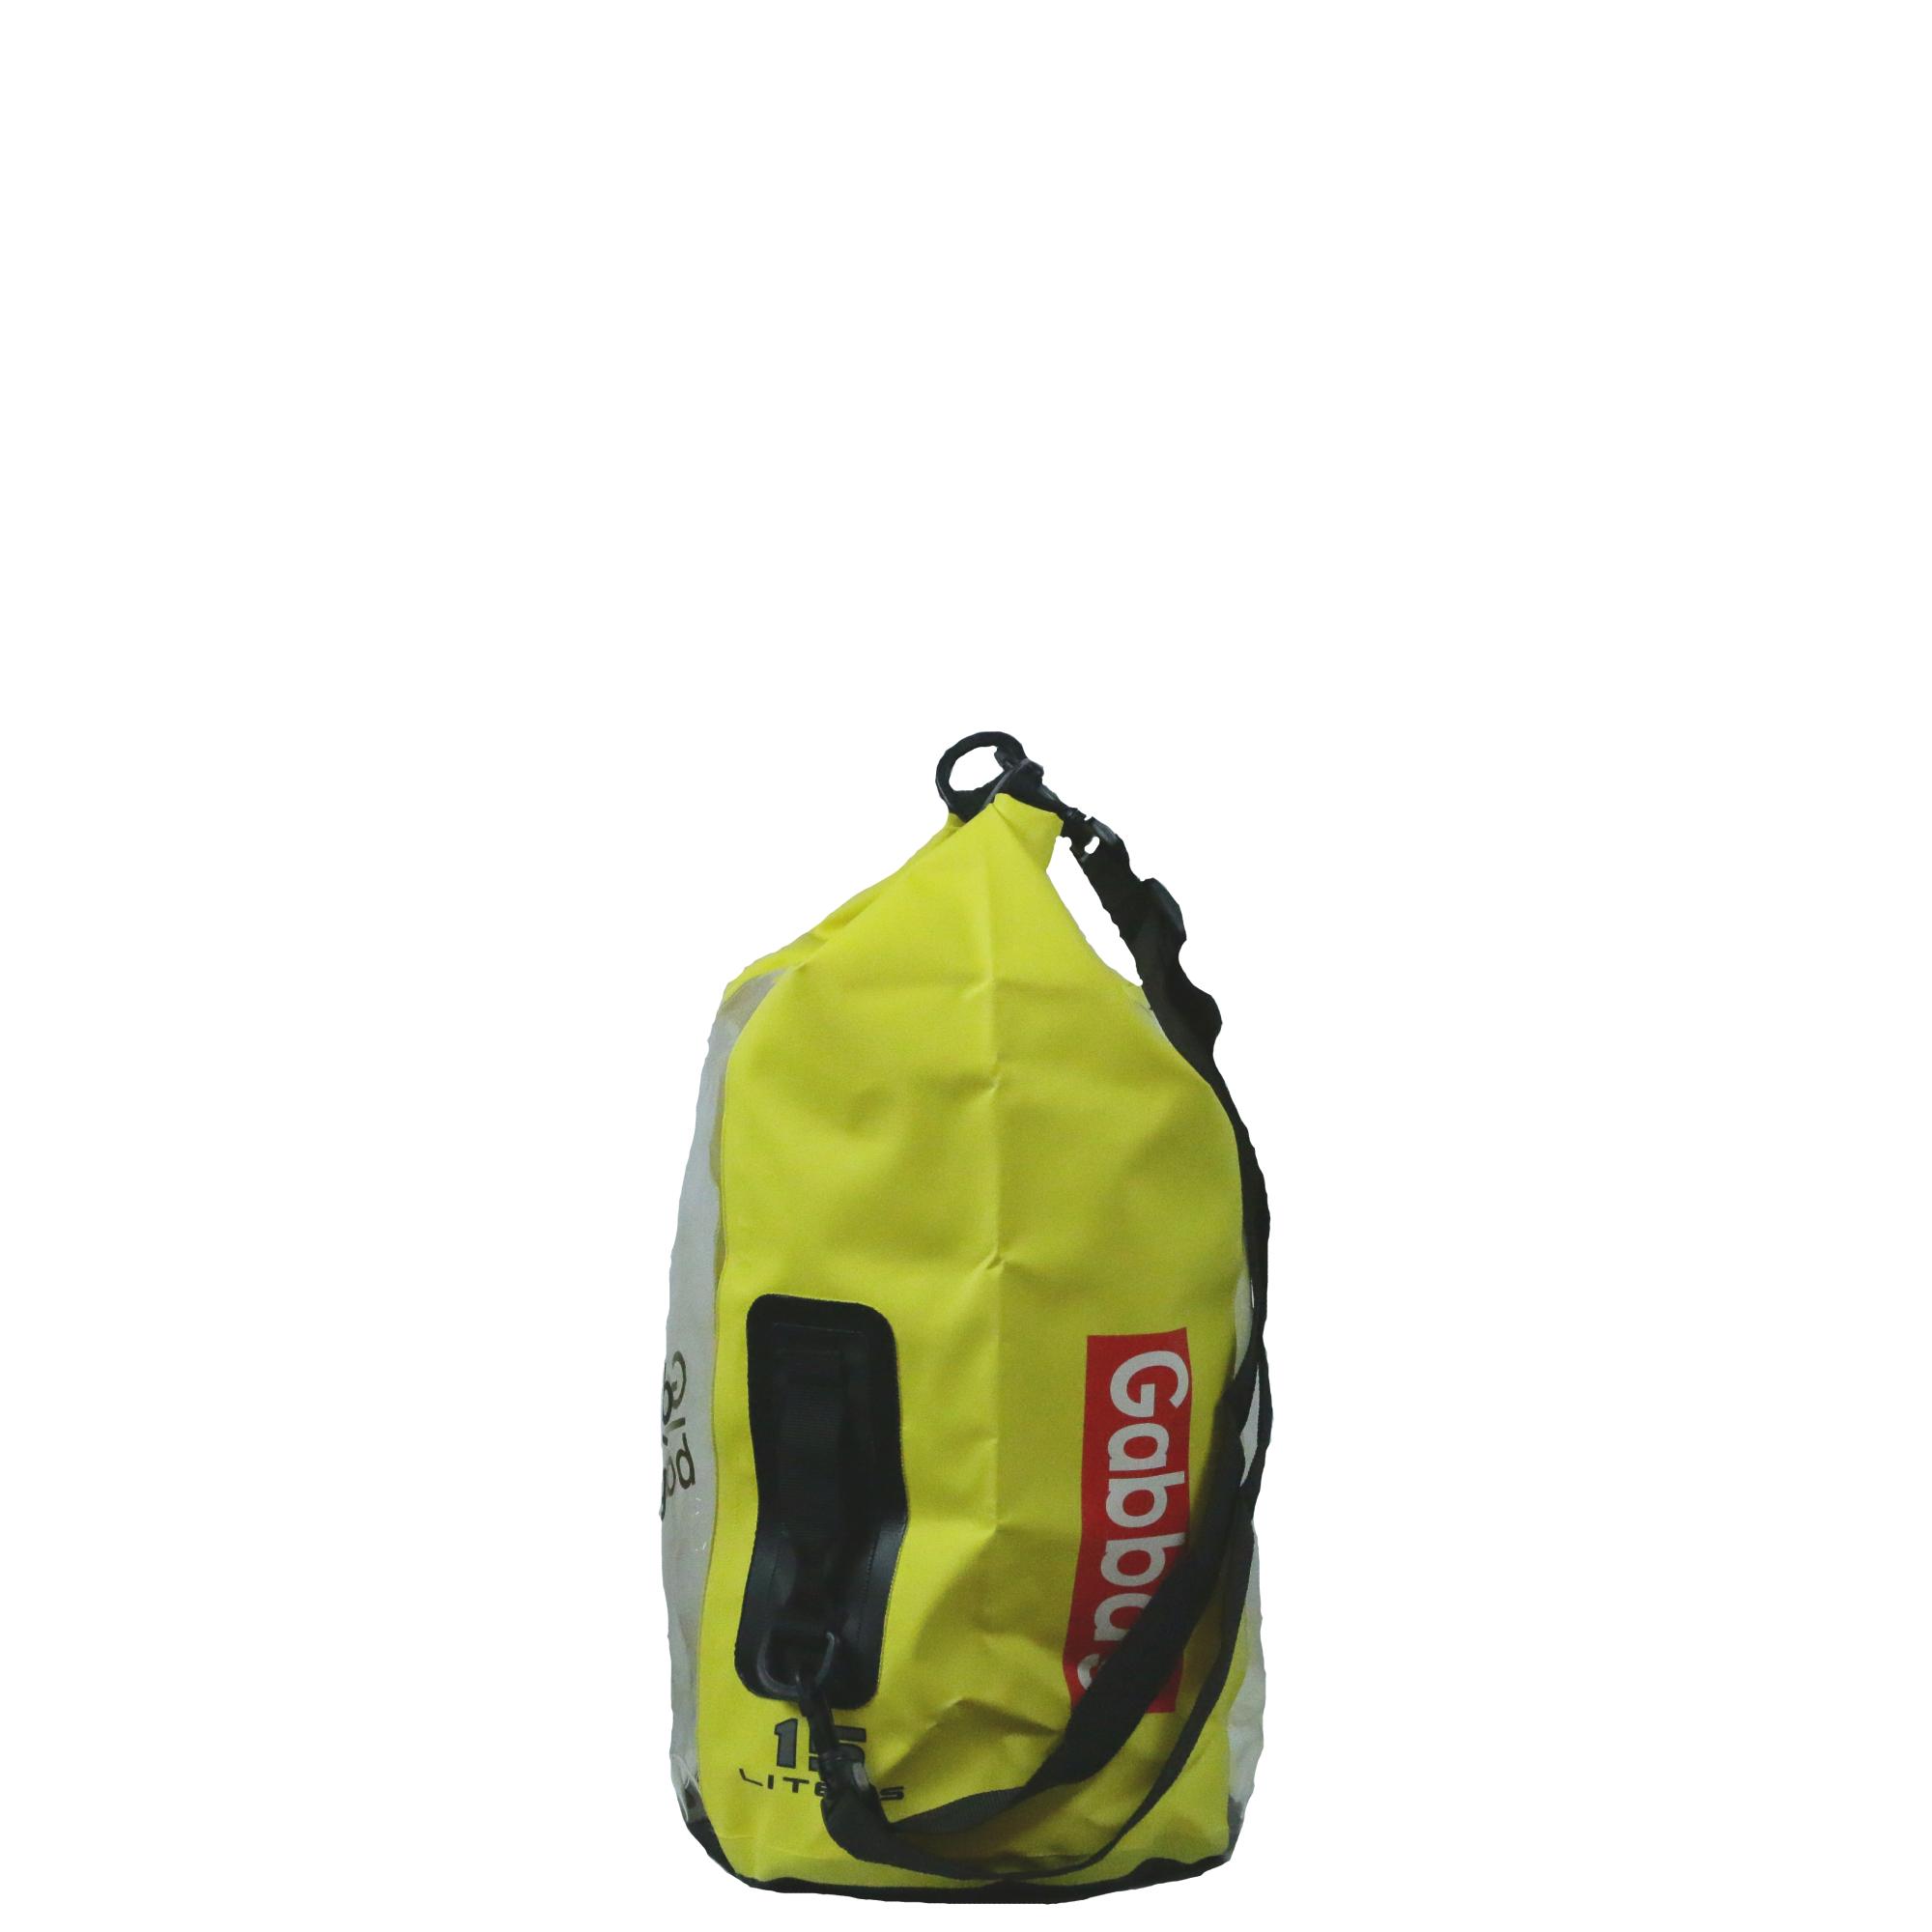 0JGW150-200 01